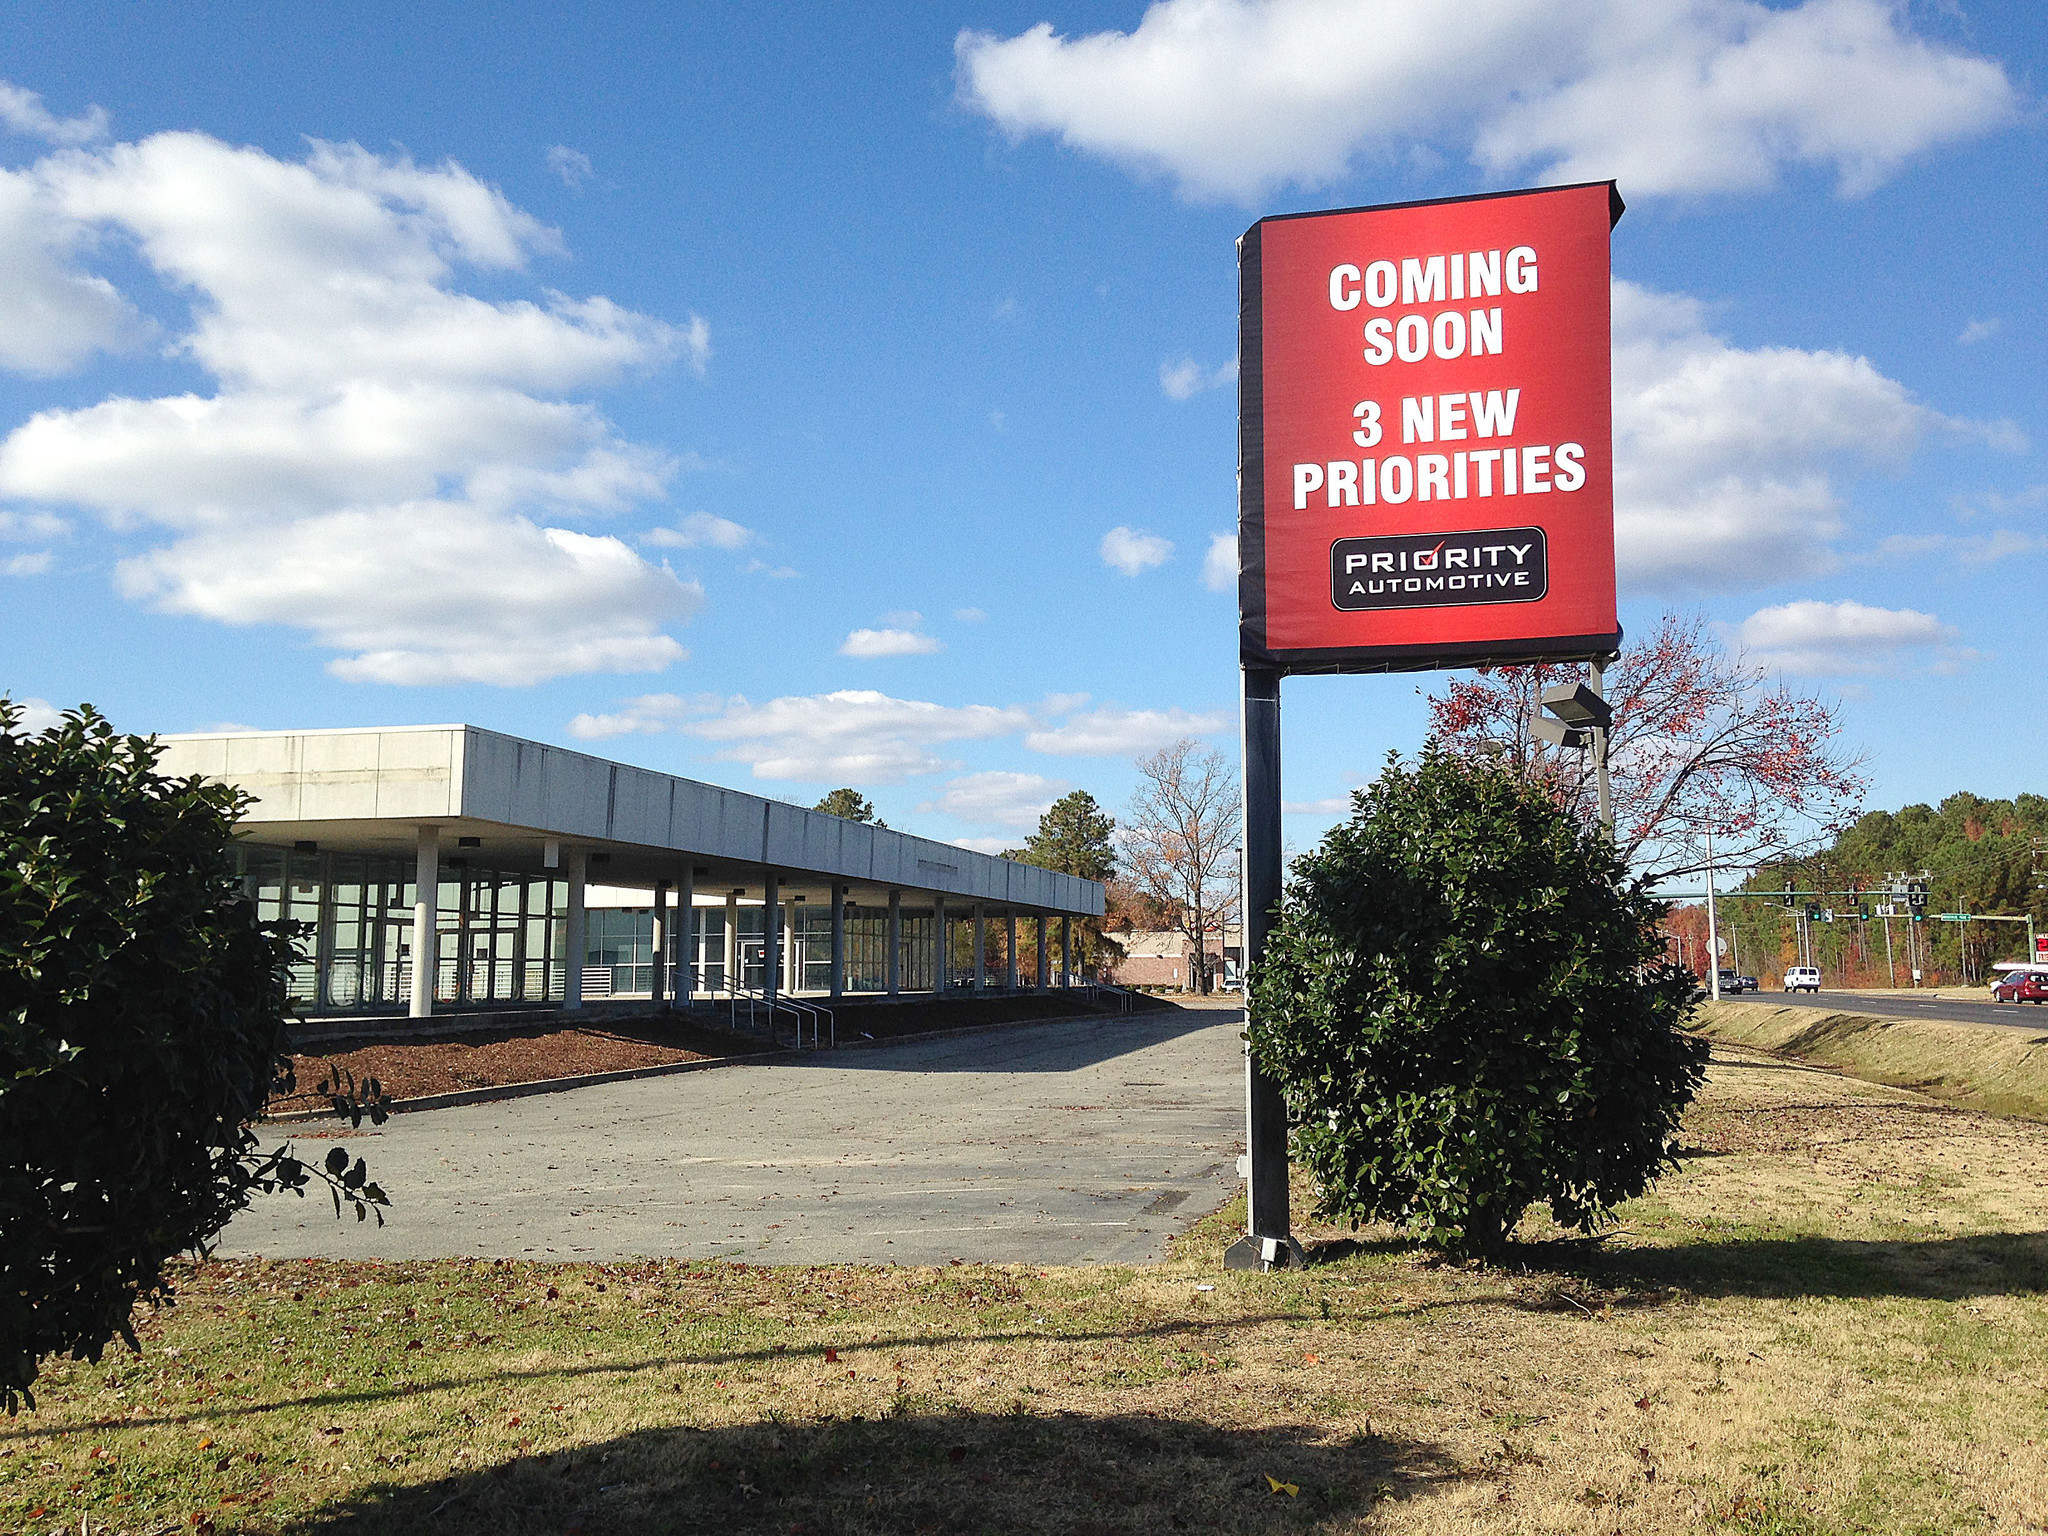 Priority Auto Group Expanding To Peninsula The Virginia